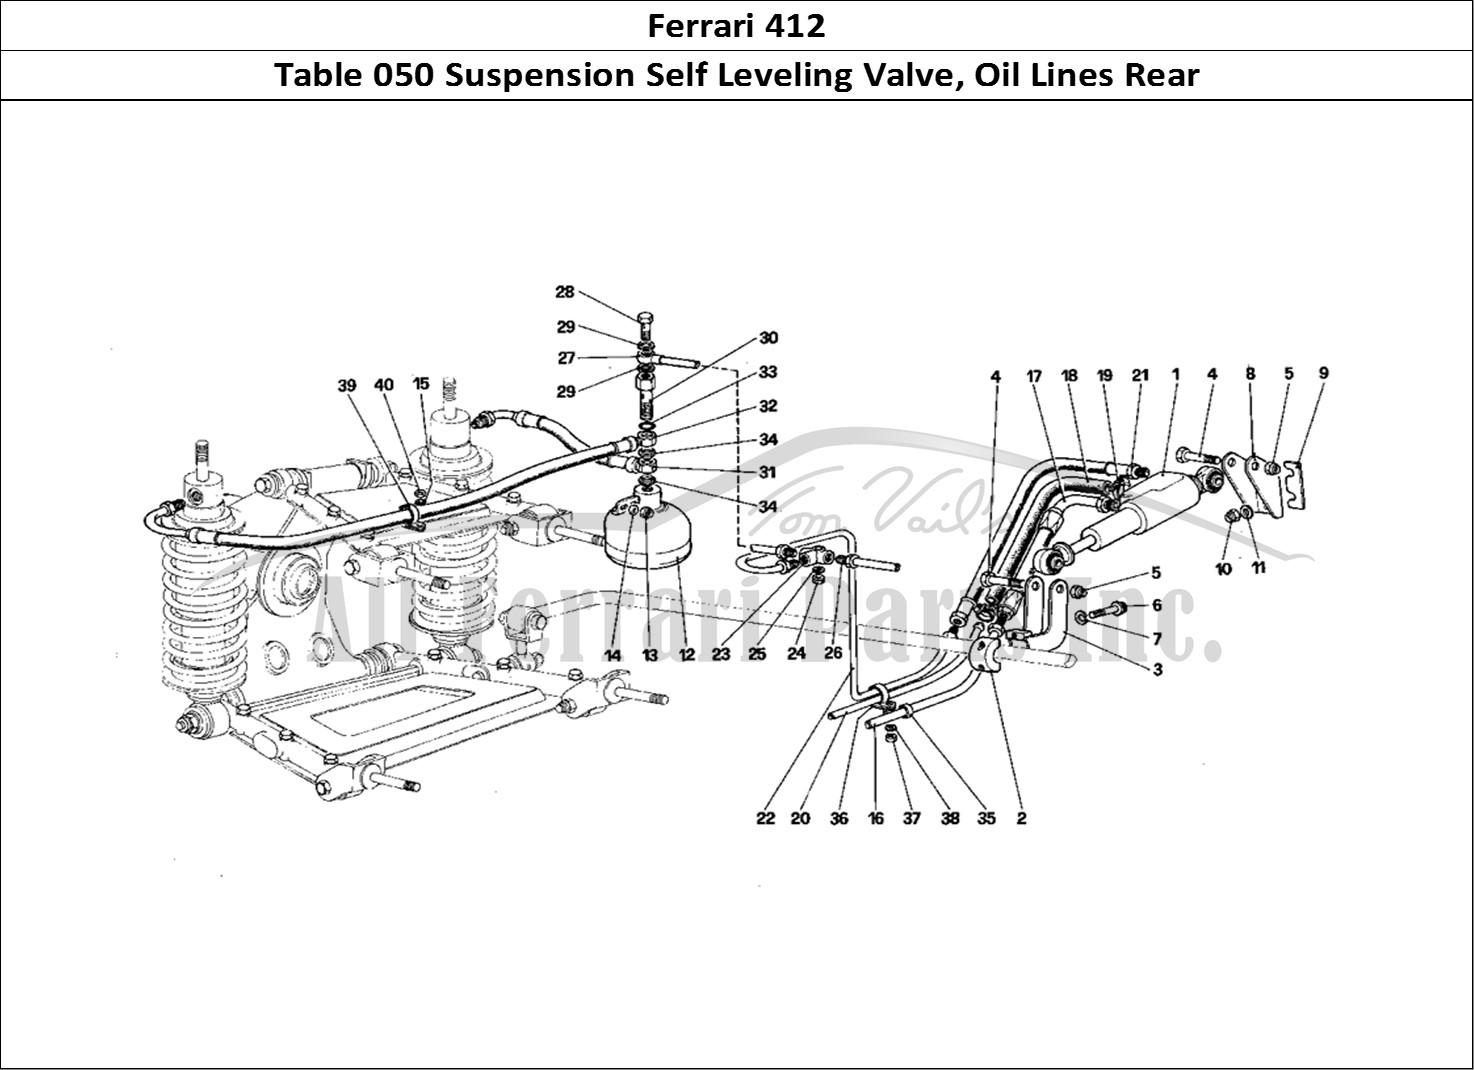 Buy Original Ferrari 412 050 Suspension Self Leveling